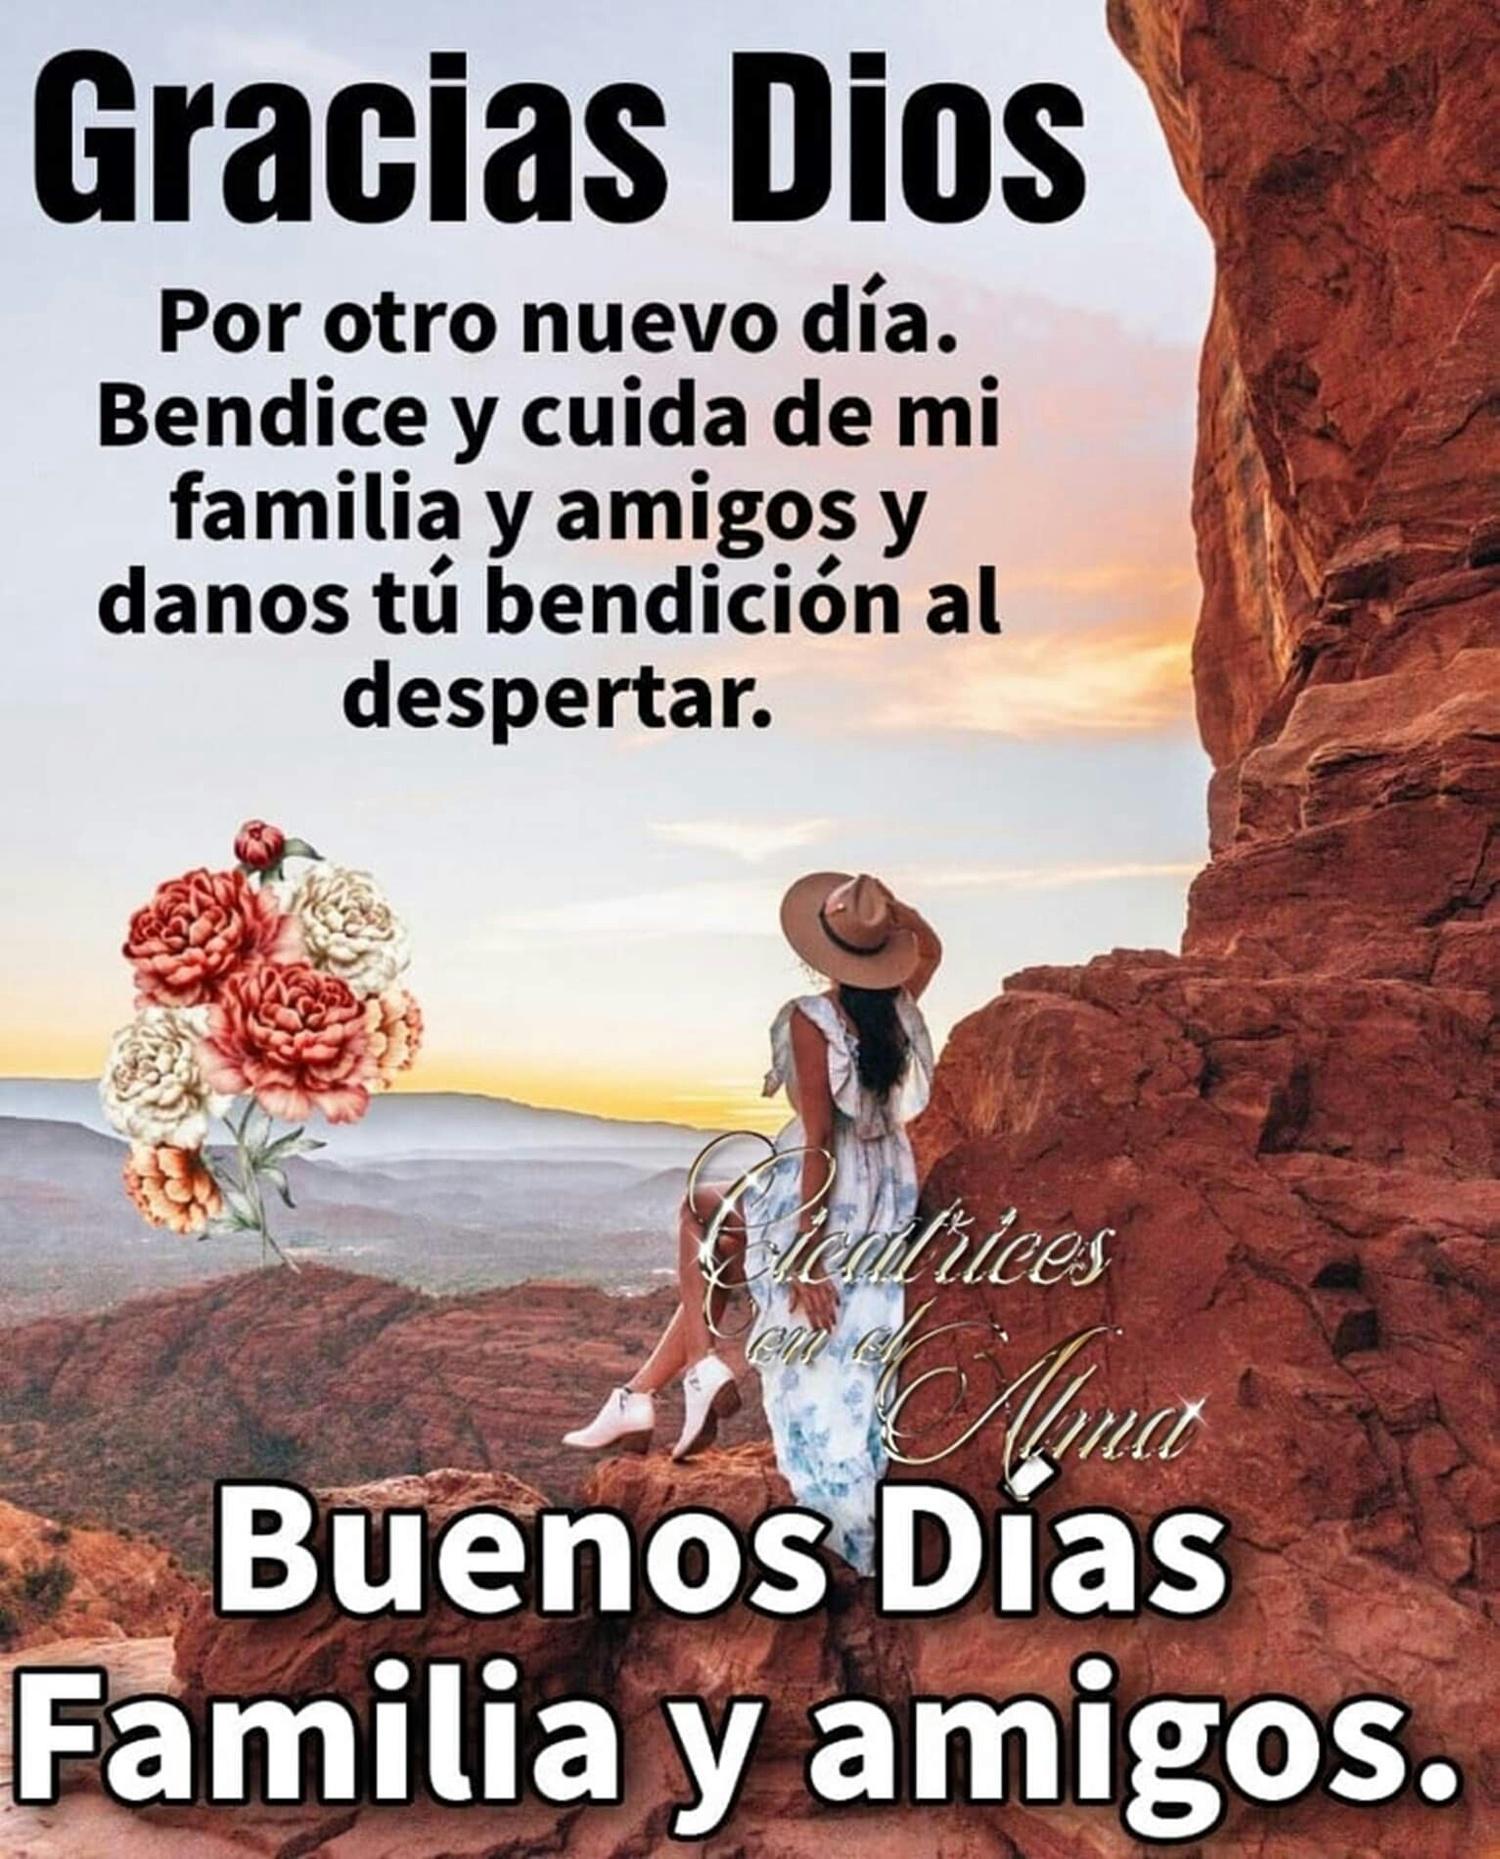 Buenos Días imágenes nuevas con Dios (1)